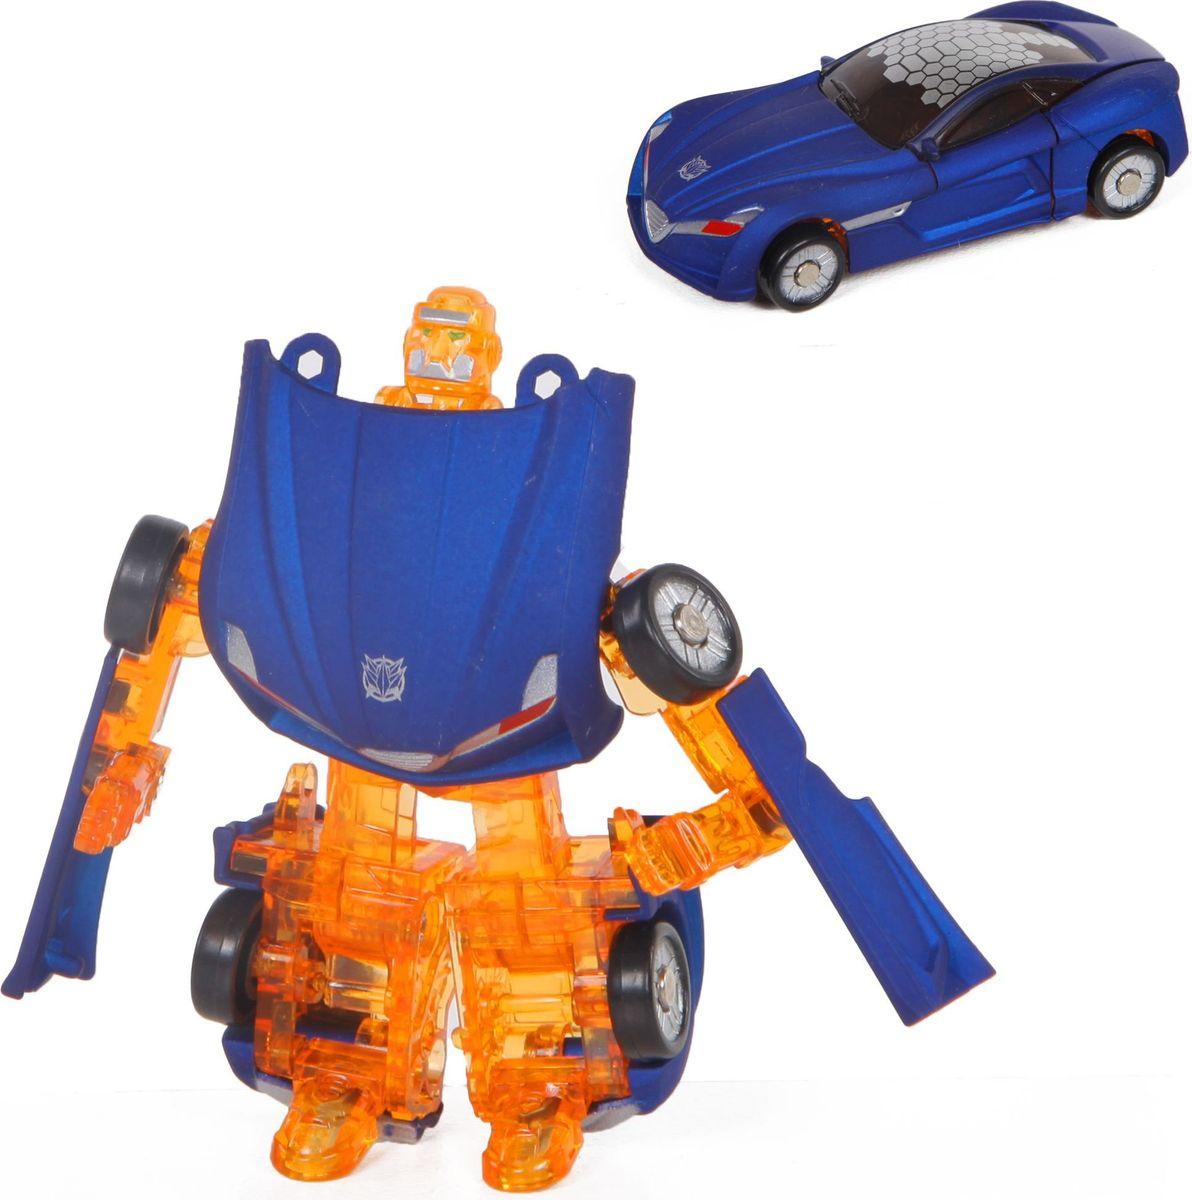 Yako Робот-трансформер цвет синий желтый Y3686096-2 интерактивные игрушки yako робот y2055209